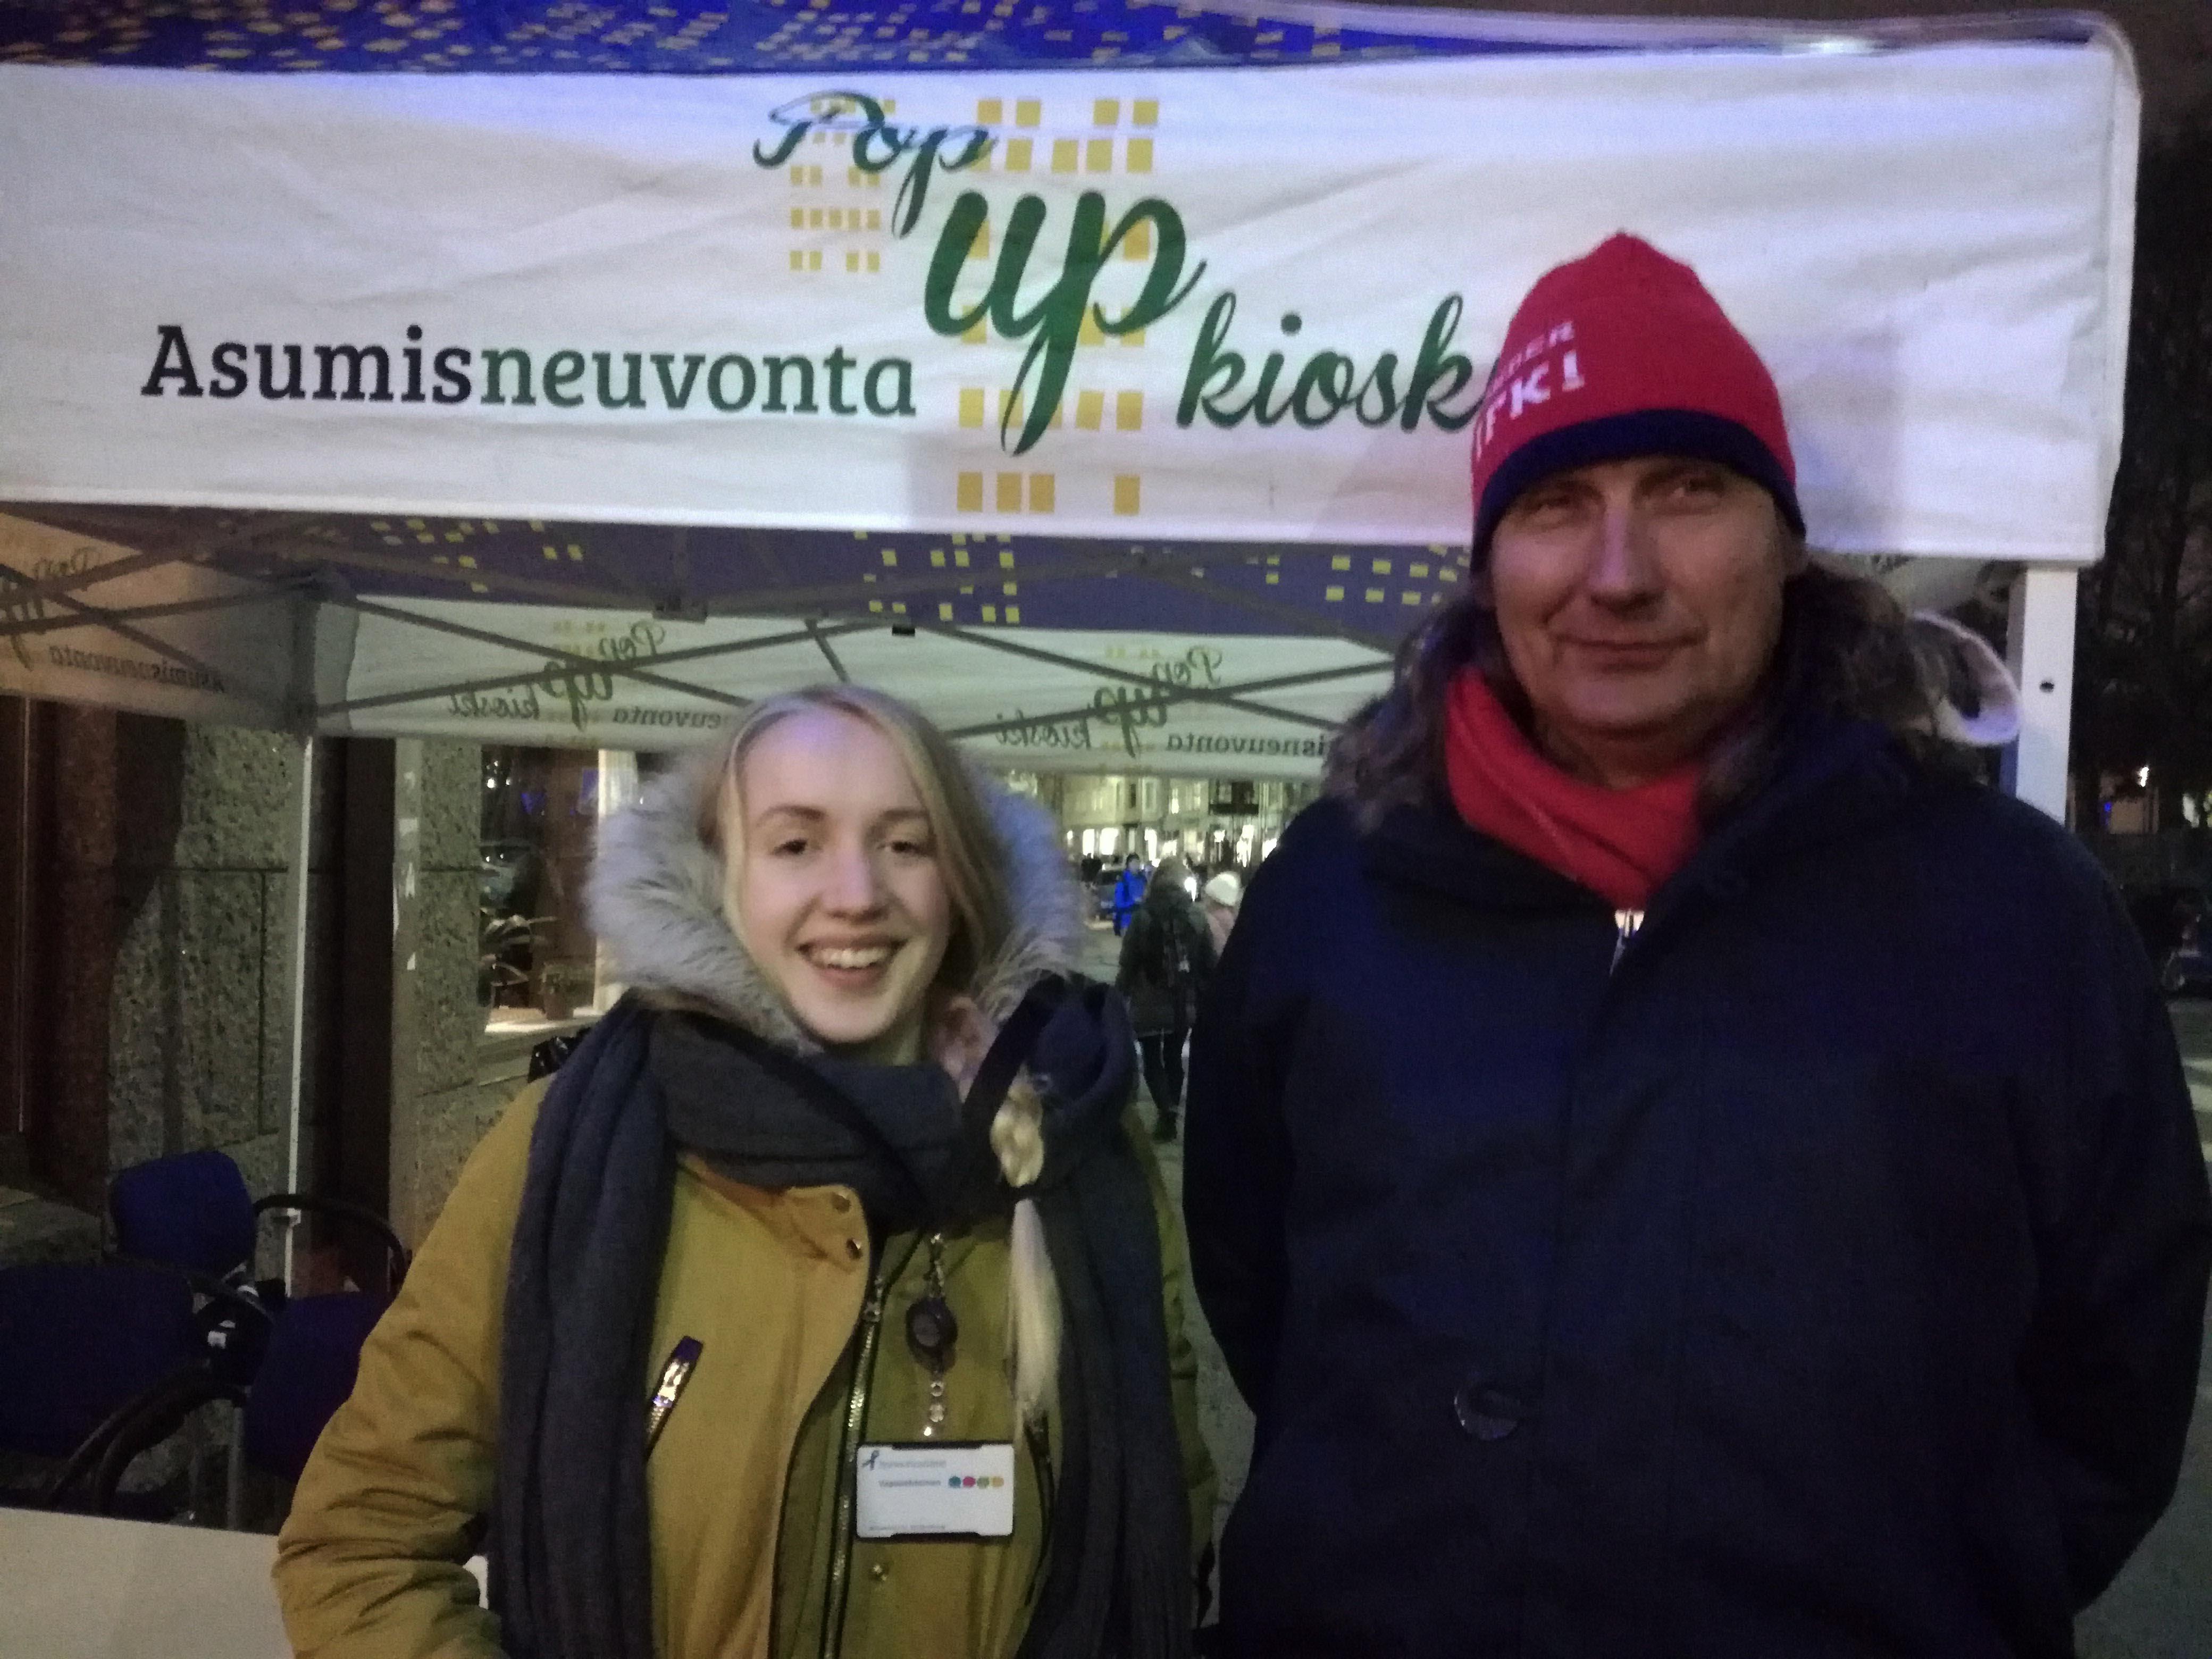 """Järjestäjät ja vapaaehtoiset iloitsivat ihmisten halusta auttaa. """"Erityisesti miesten talvikegistä on ollut pulaa, niitäkin nyt saatin jakoon"""", summasi J-P Pääskysaari. Sininauahsäätiön vapaaehtoinen Elena Liikanen oli ensimmäistä kertaa Sininauhan hommissa mukana ja aikoi tulla vapaaehtoistyöhön uudestaankin."""